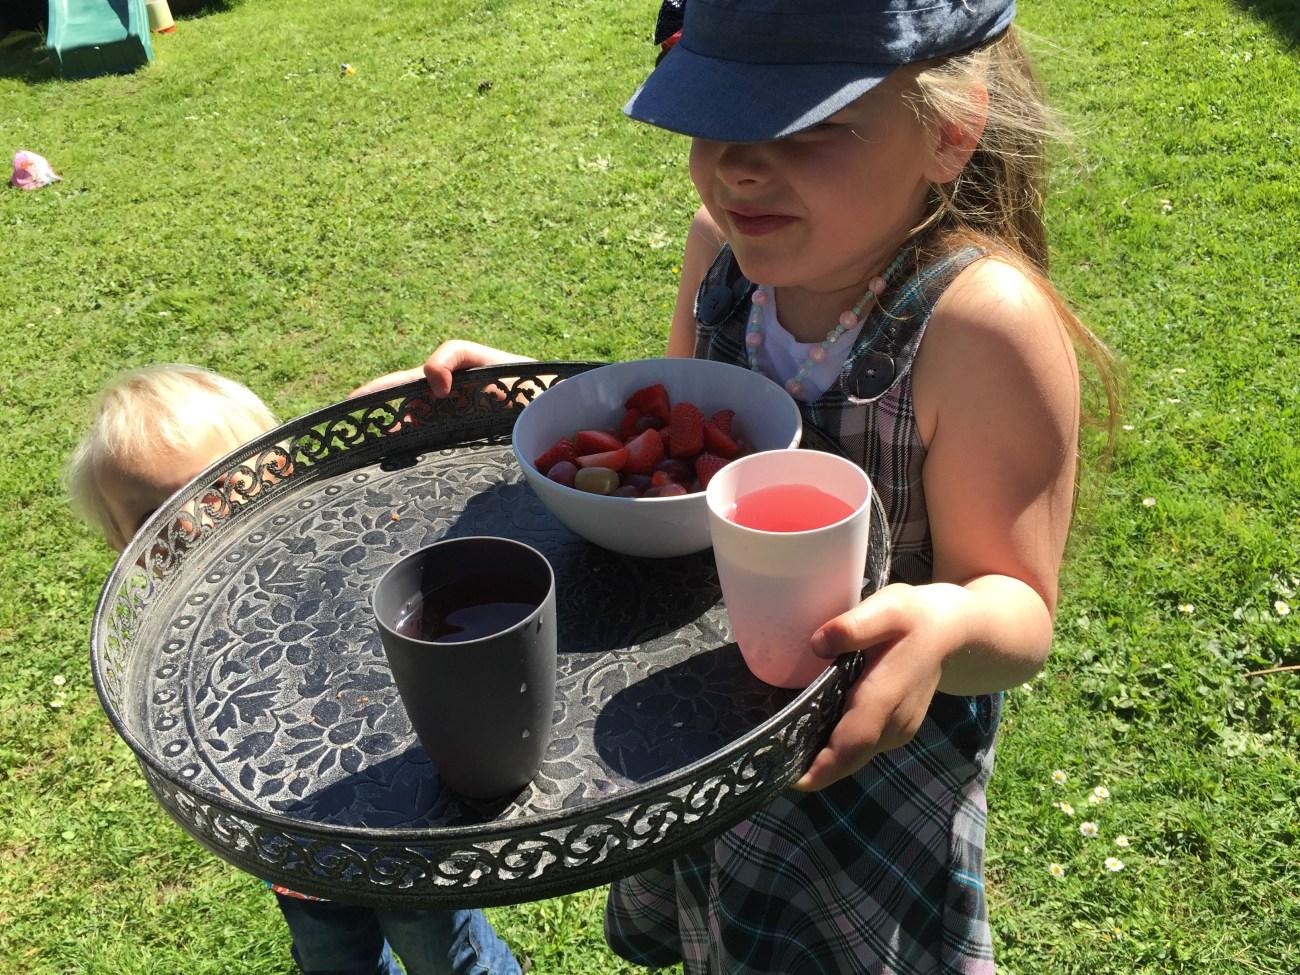 Als we in de tuin zijn, dan staat Eva het liefste in de keuken om wat lekkers te maken. Ze vindt het zo gezellig. Voordat ze met het fruit aankwam, had ze eerst al chocola klaargemaakt ;)